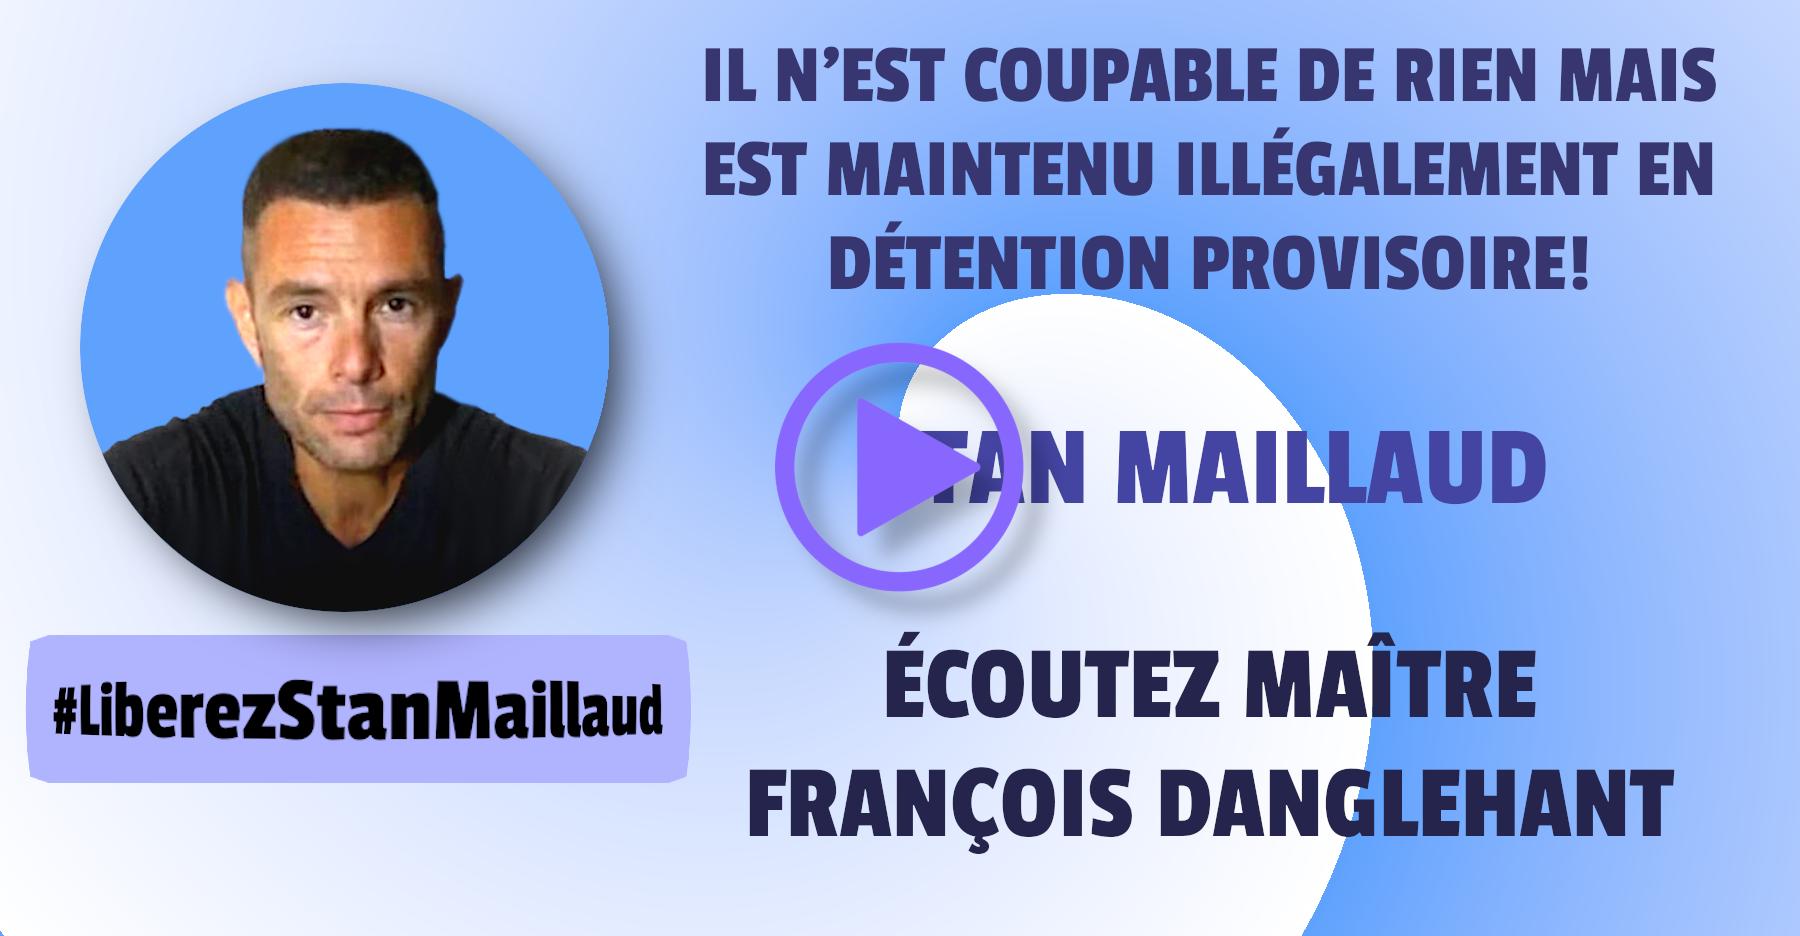 Stan Maillaud, Illégalement En Prison!!!